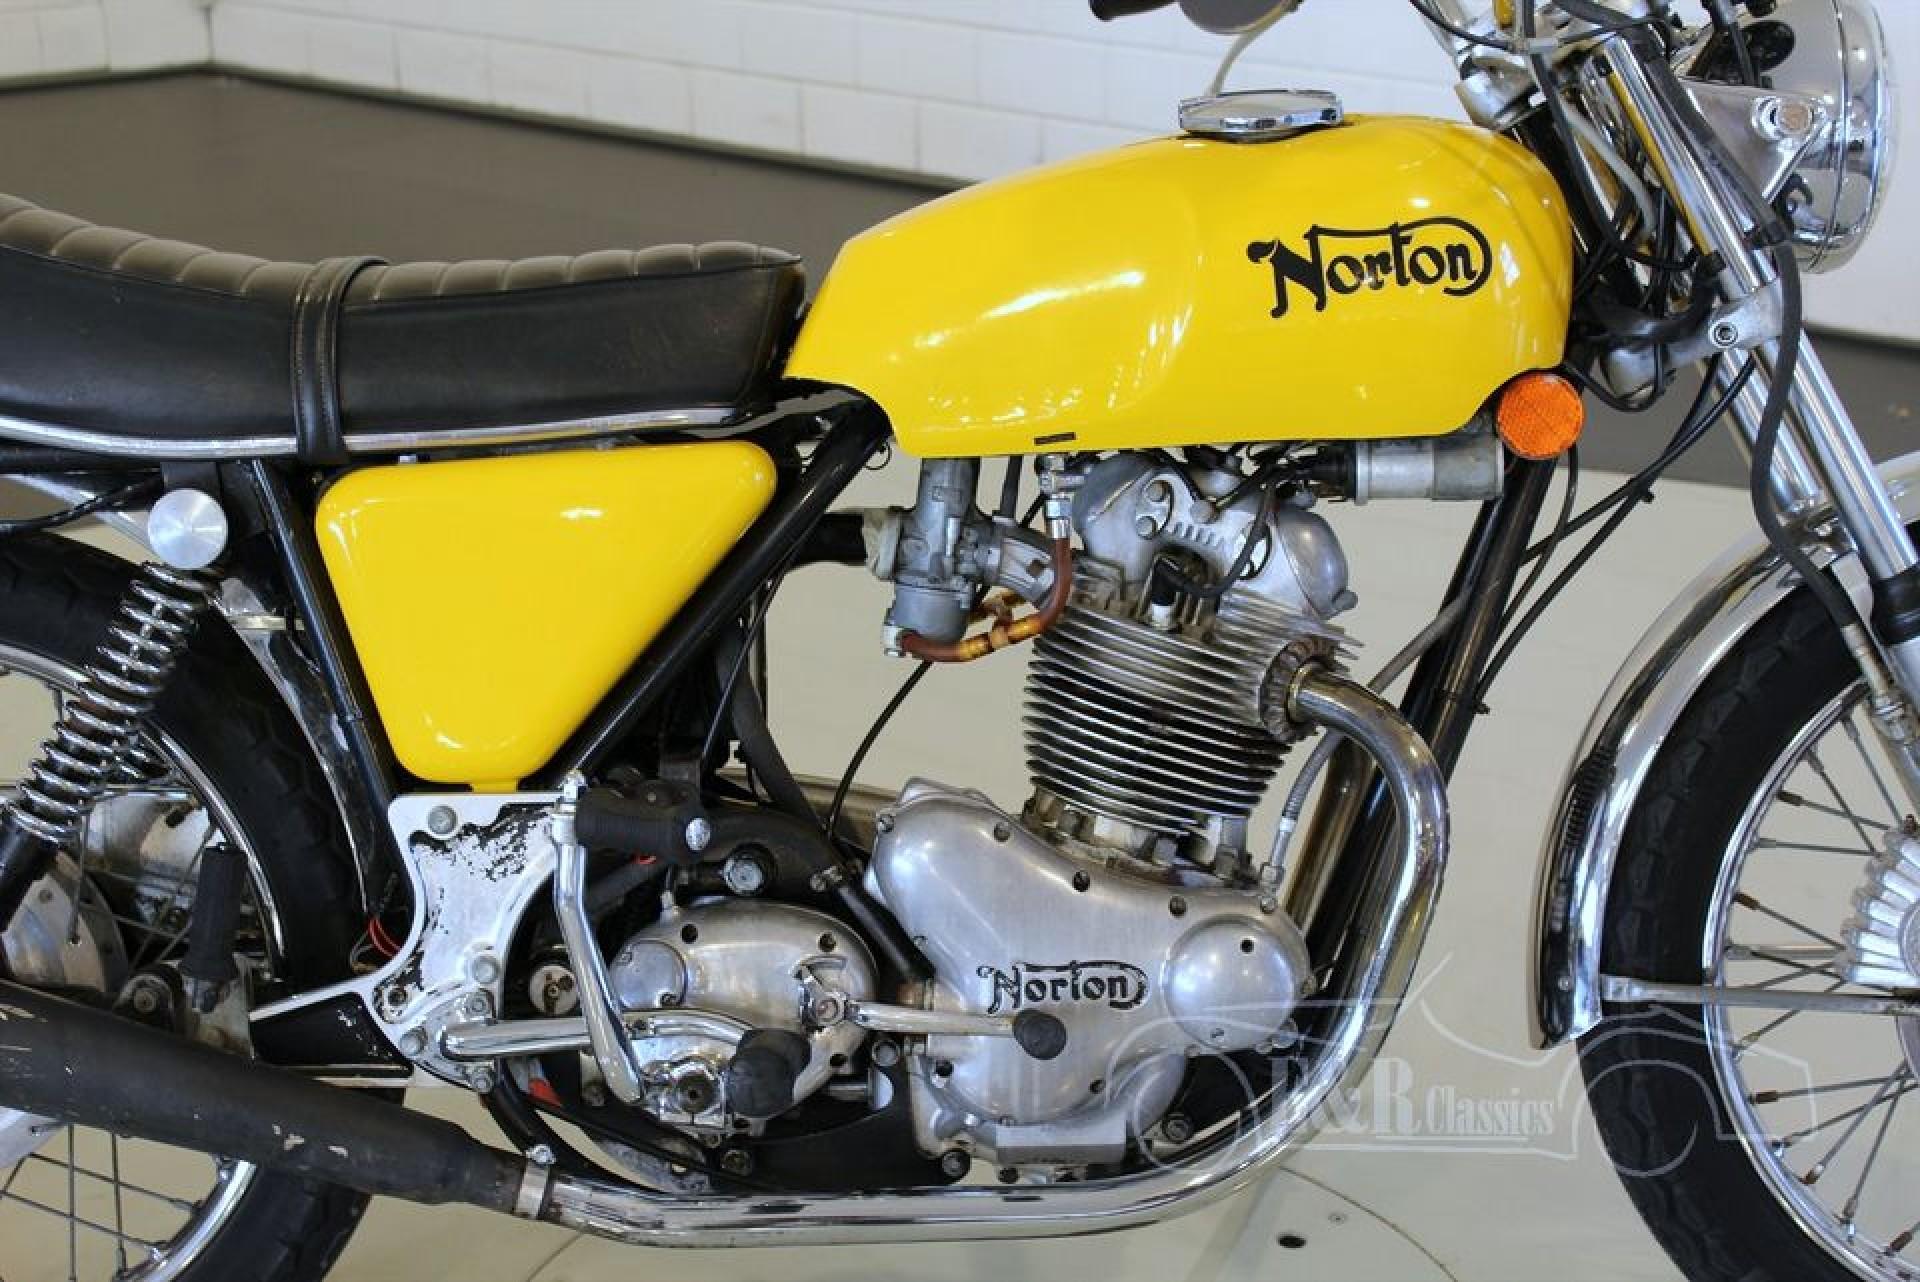 Norton Commando 750 1972 For Sale At ERclassics